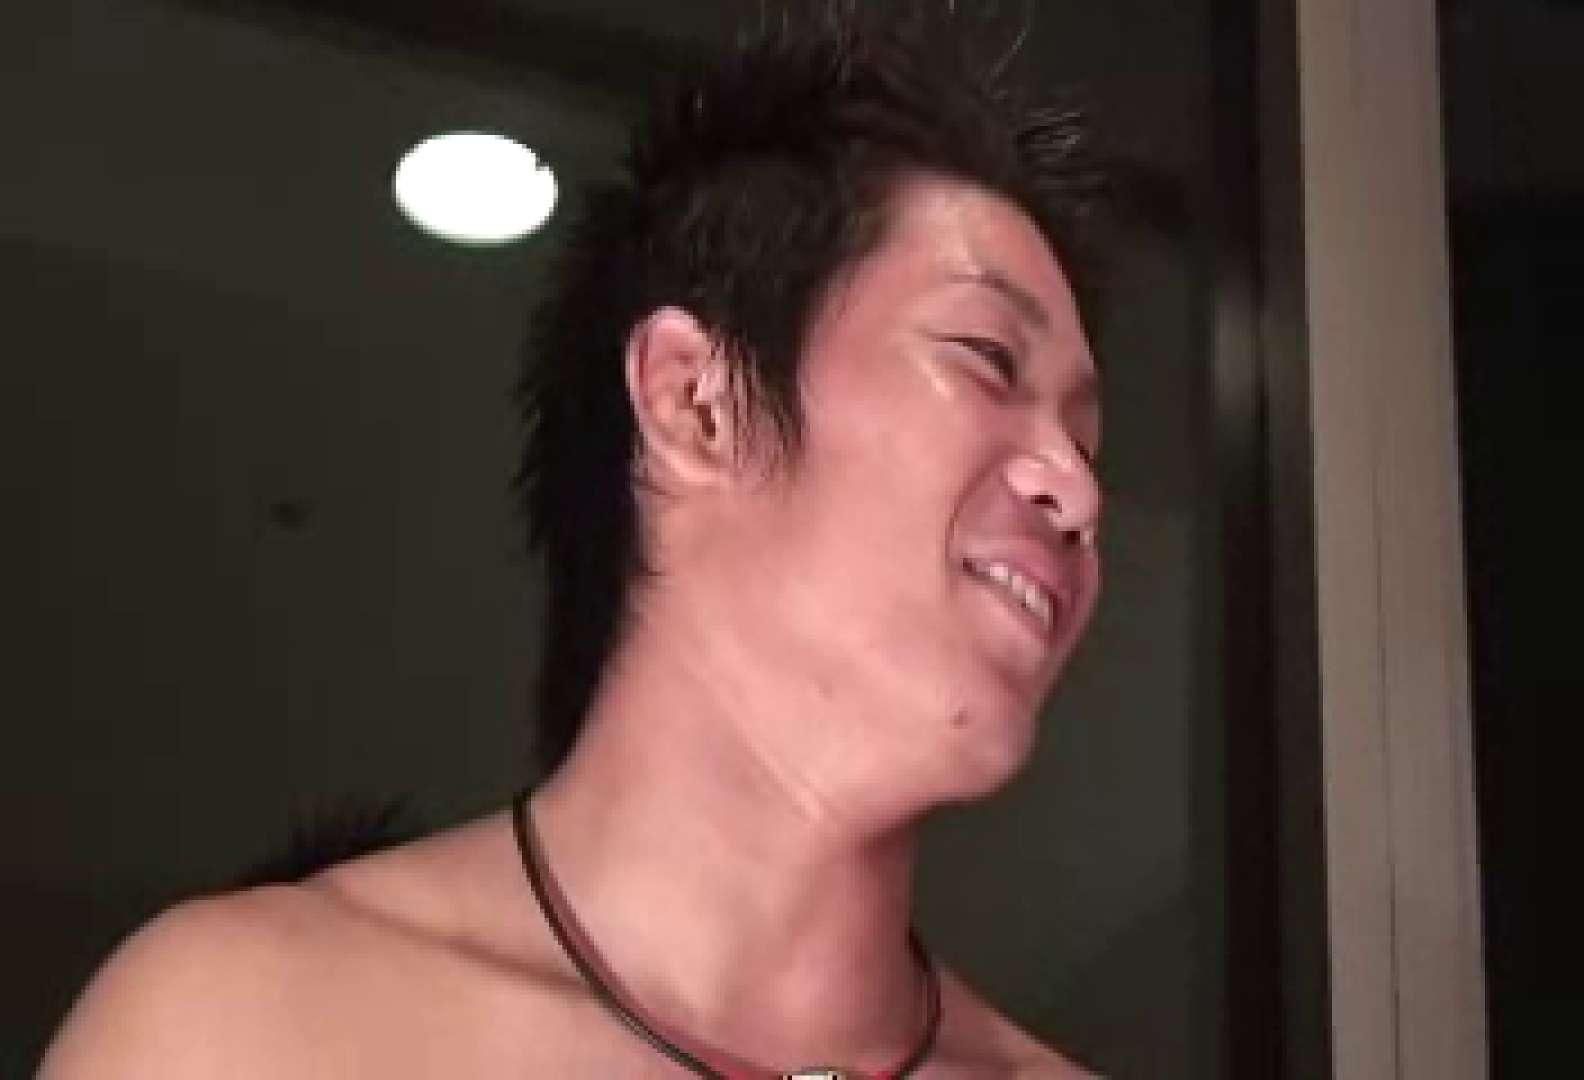 スリ筋!!Nice Finish!!vol.02 オナニー ゲイアダルトビデオ画像 79枚 32